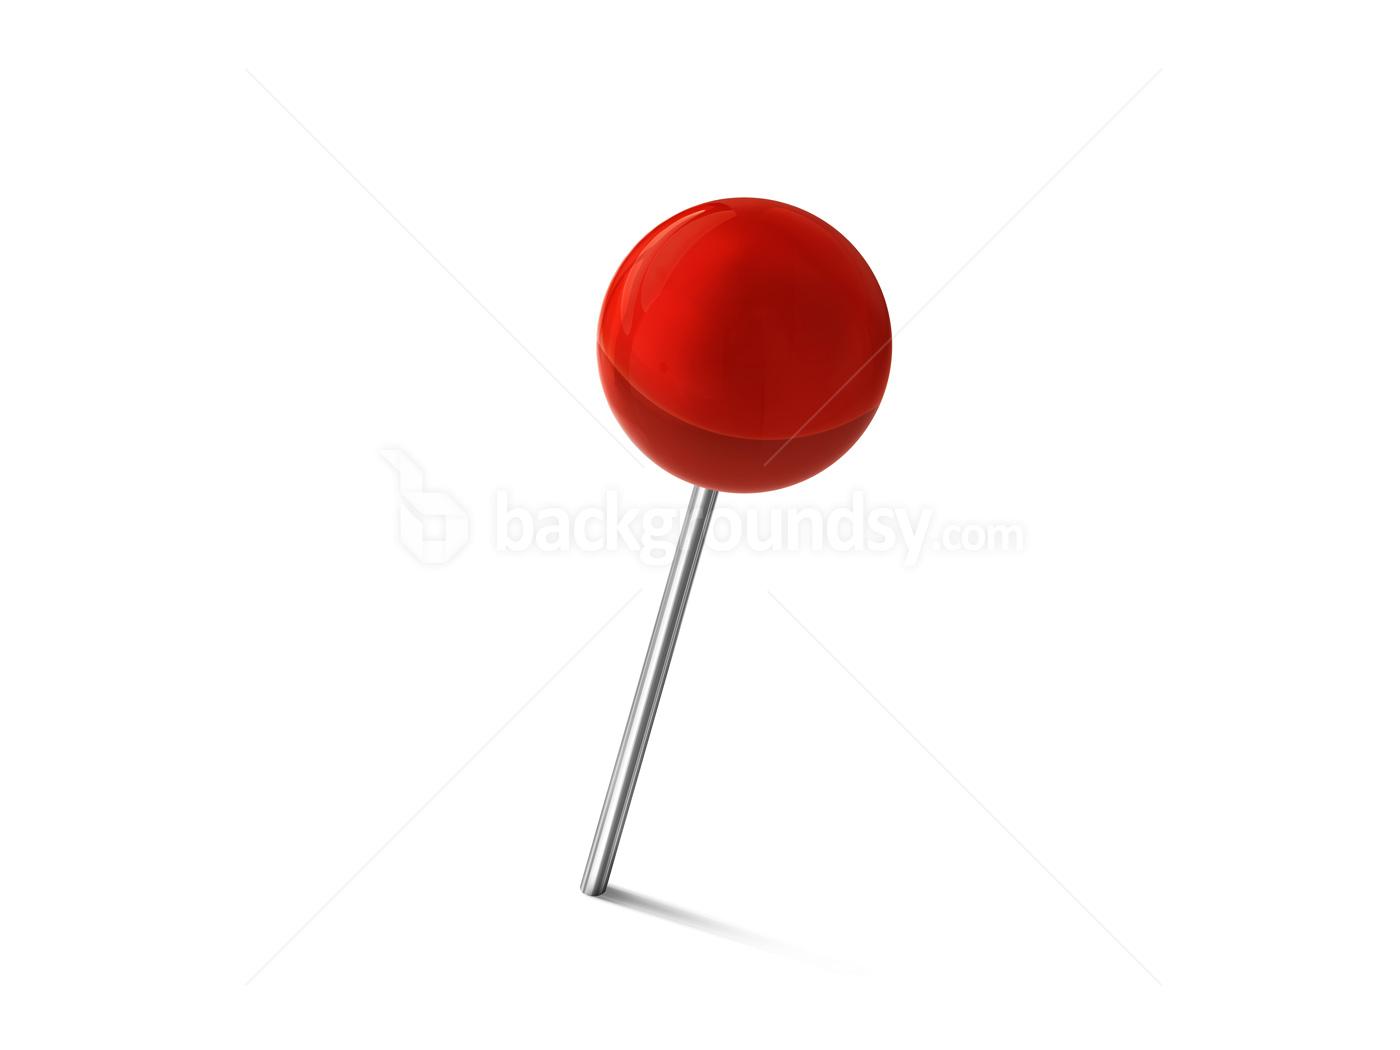 Push Pin Clip Art.